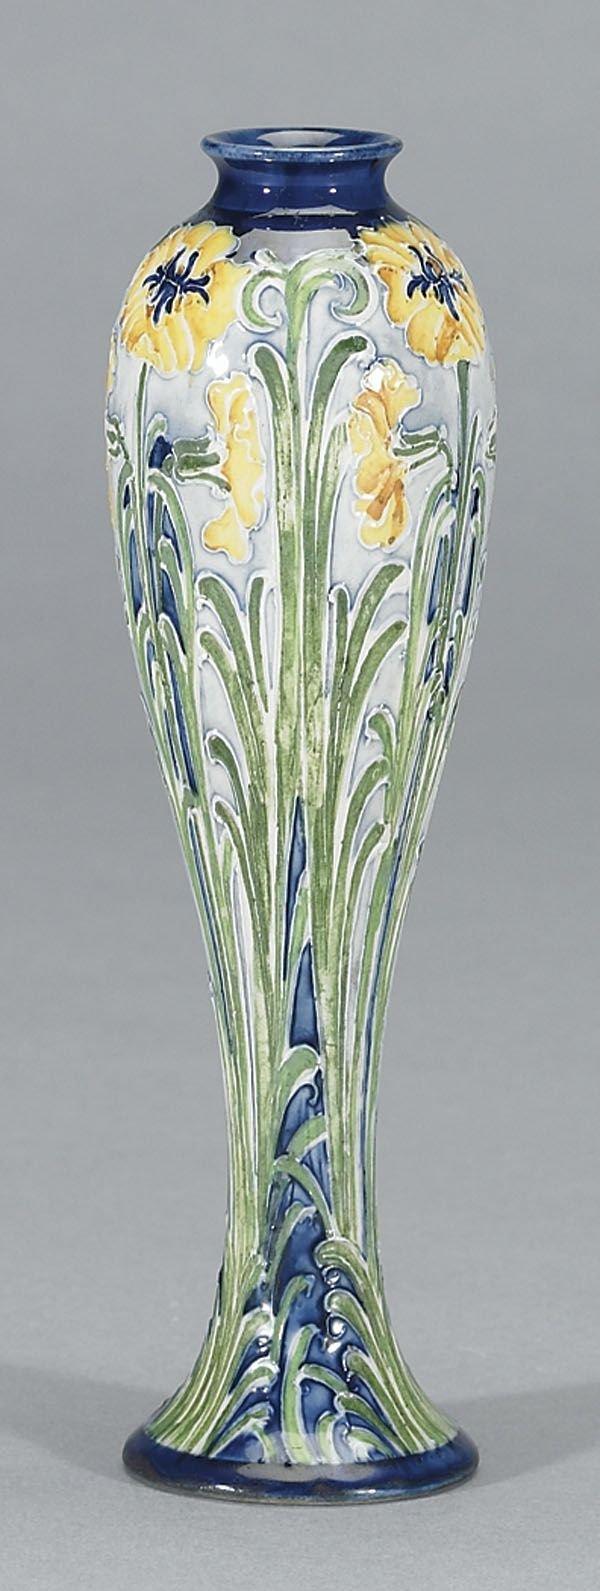 1010: Moorcroft Macintyre Florian Vase, c. 1900-02